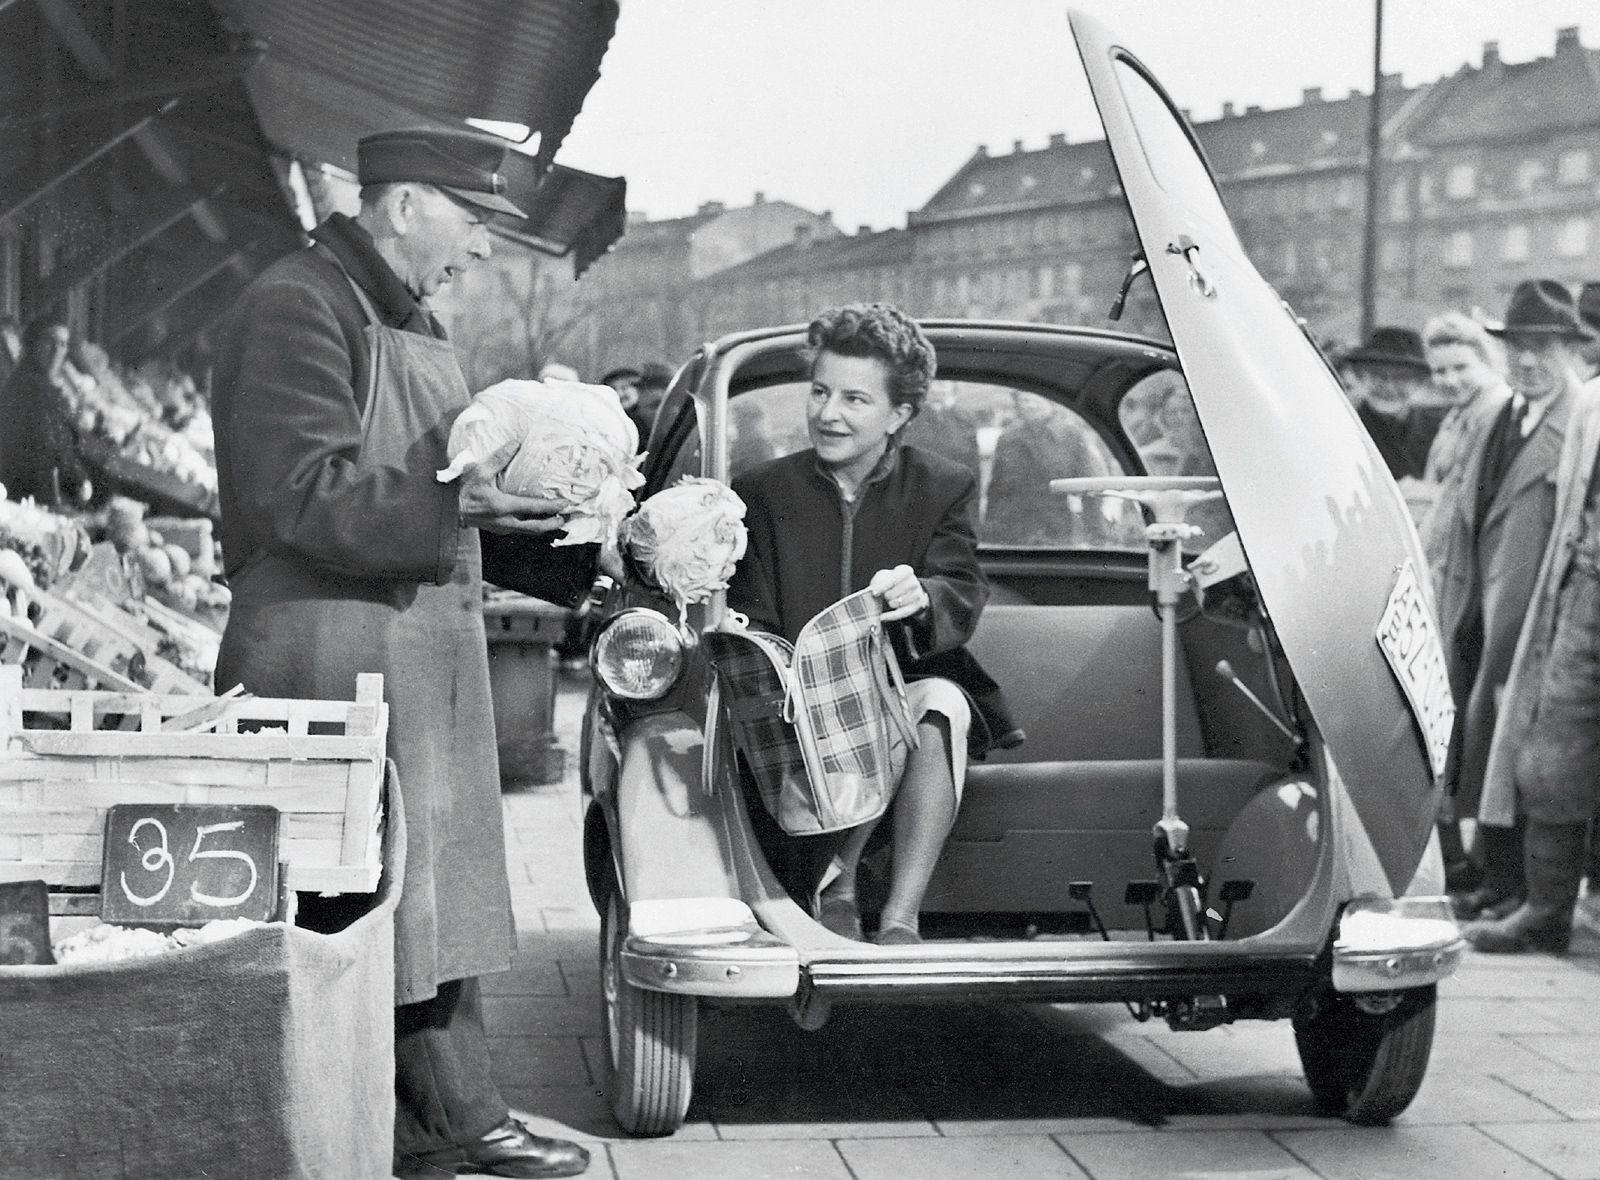 Titta vilken praktisk shoppingbil det var!